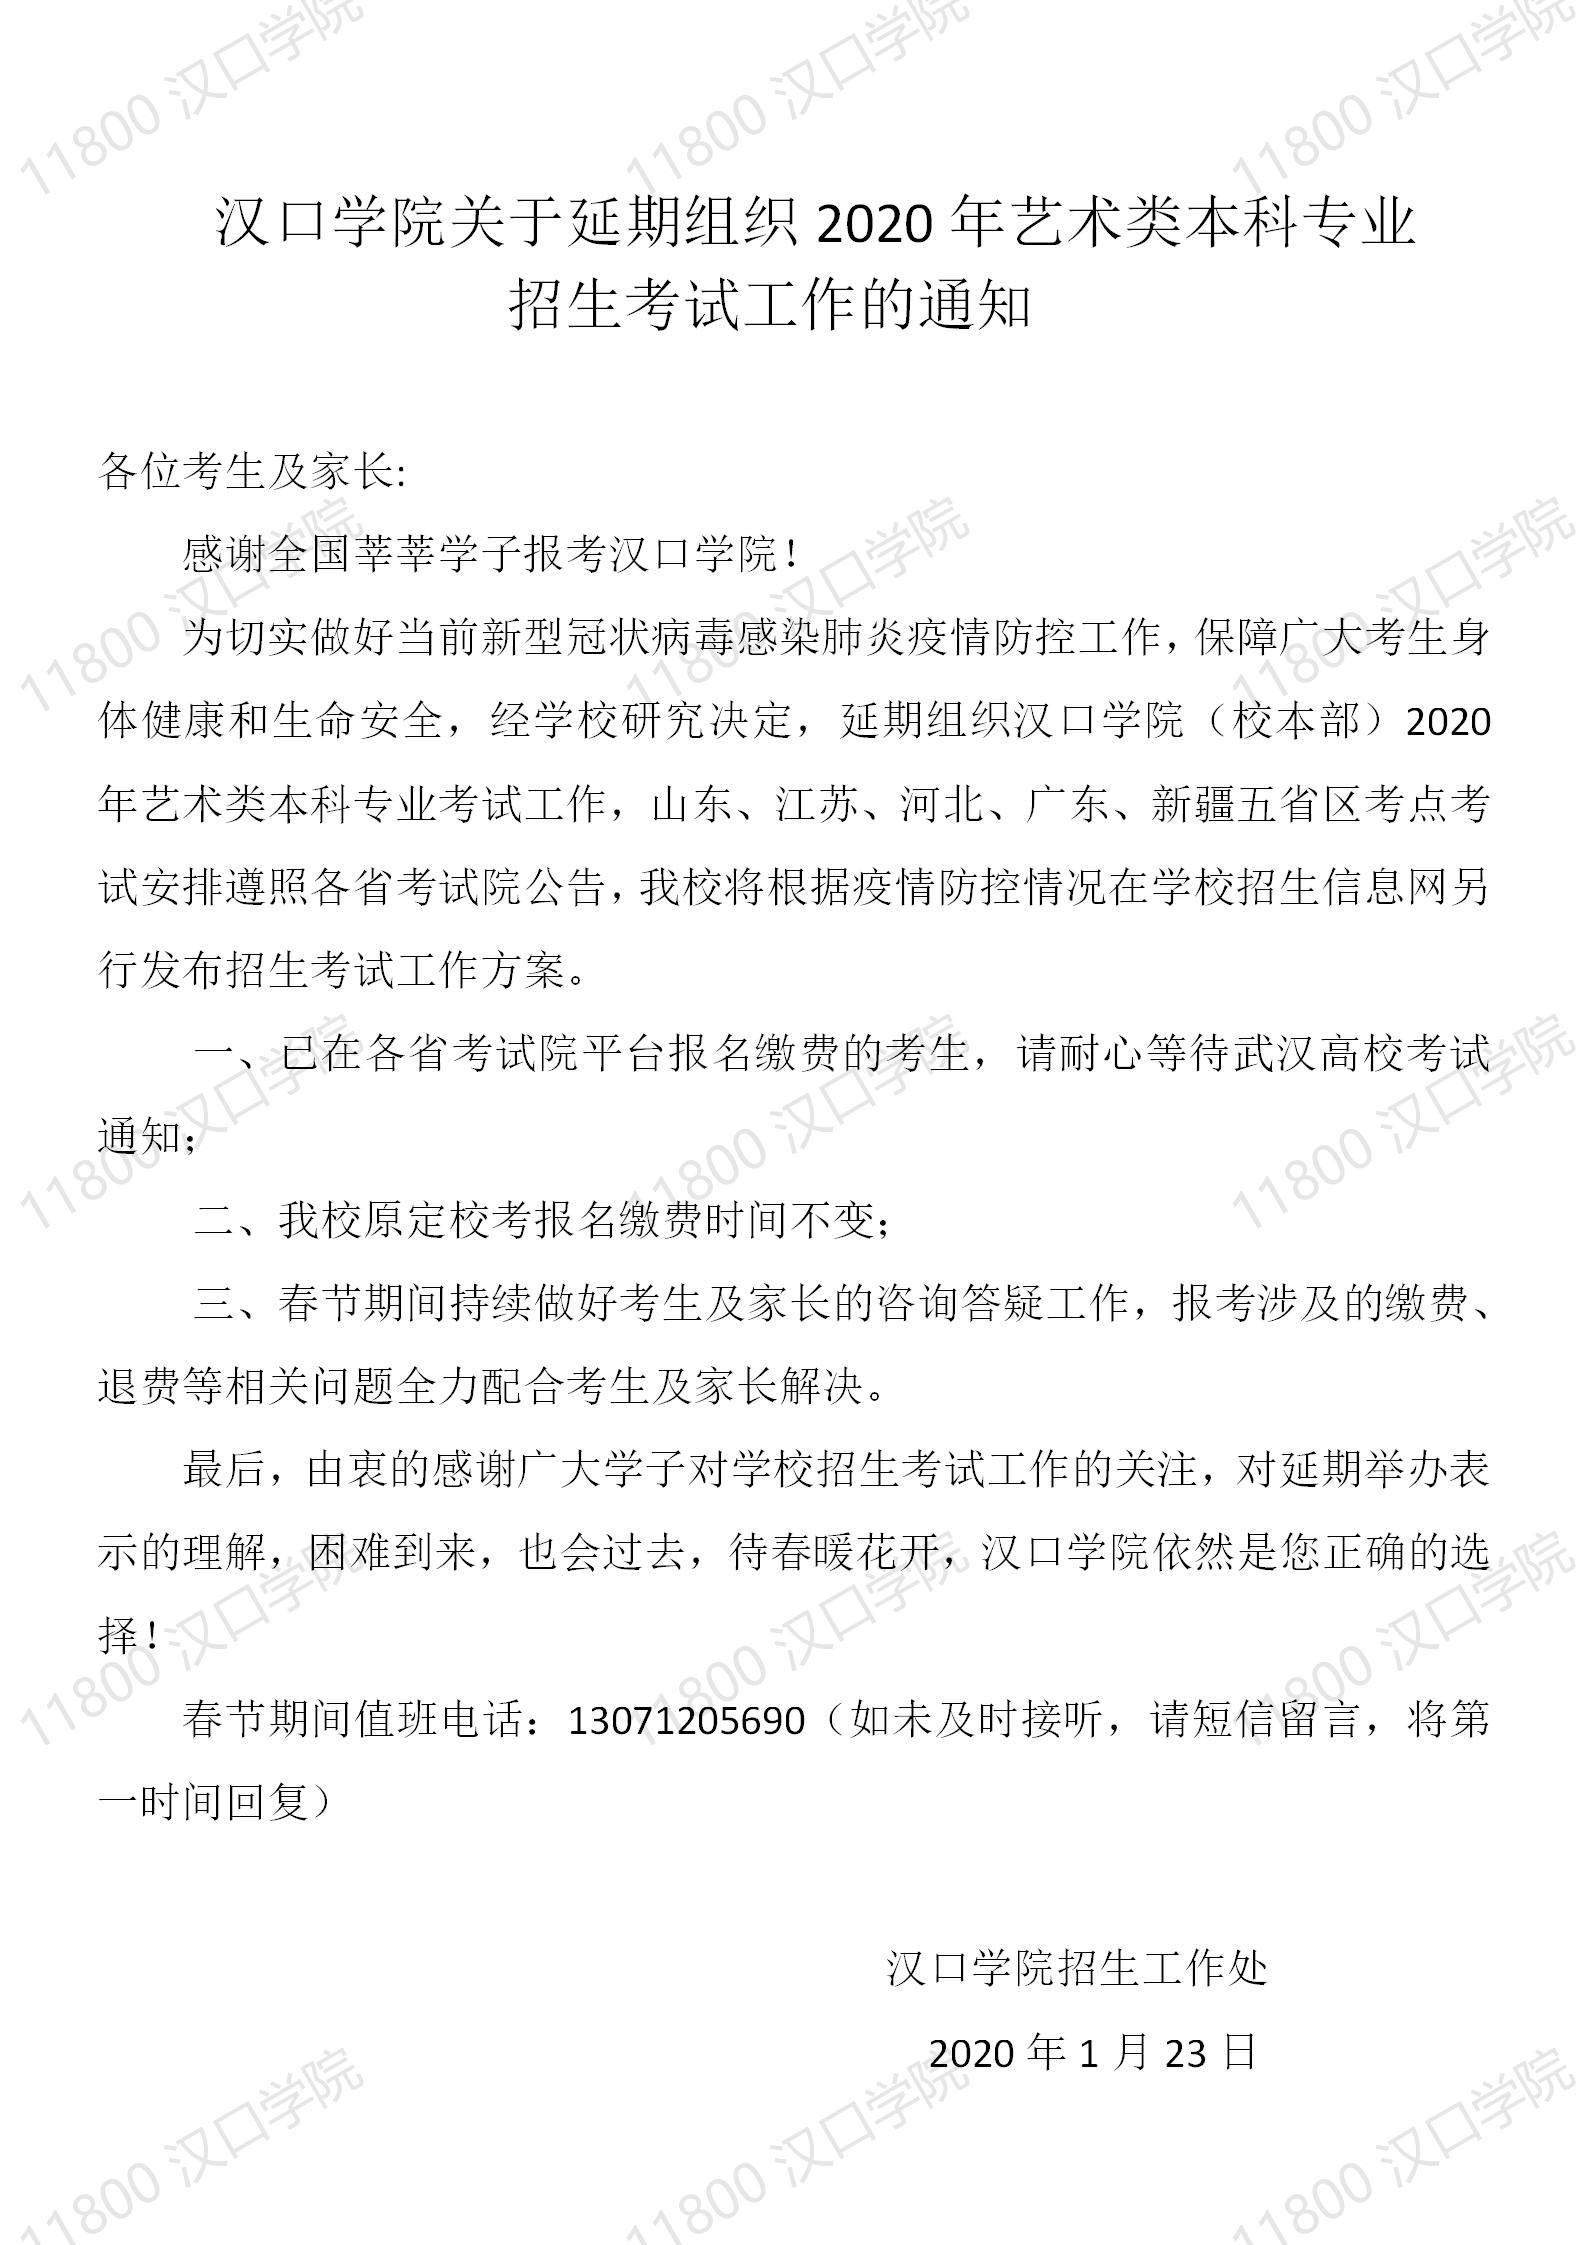 新建 DOC 文档 (2)_01.png